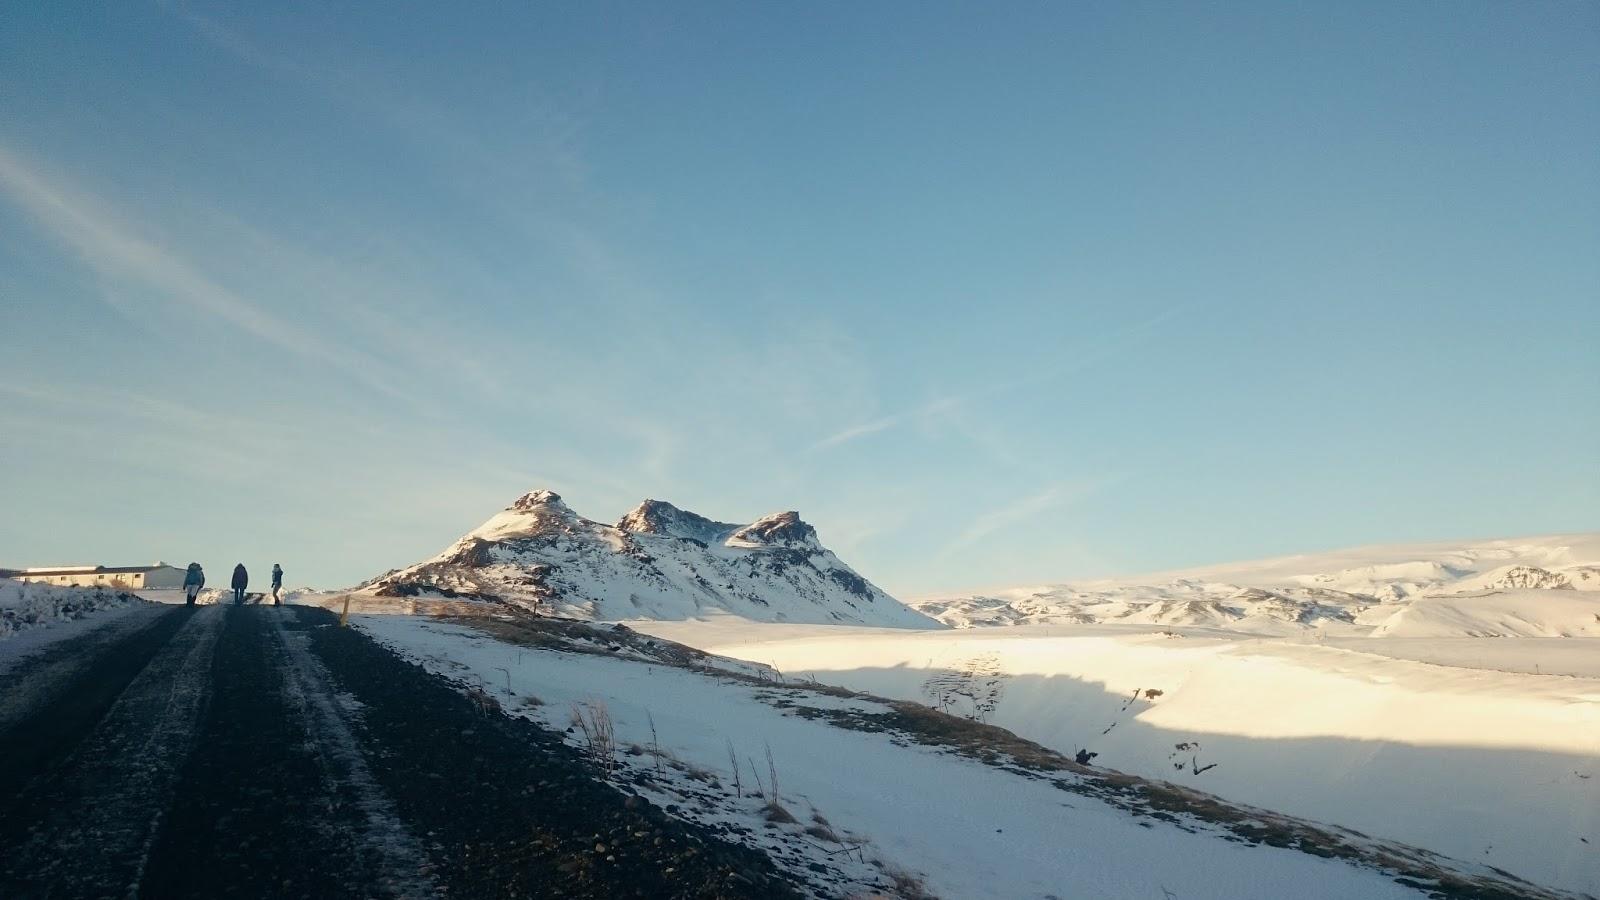 islandzka zima, zima w Islandii, Islandia, islandzki krajobraz